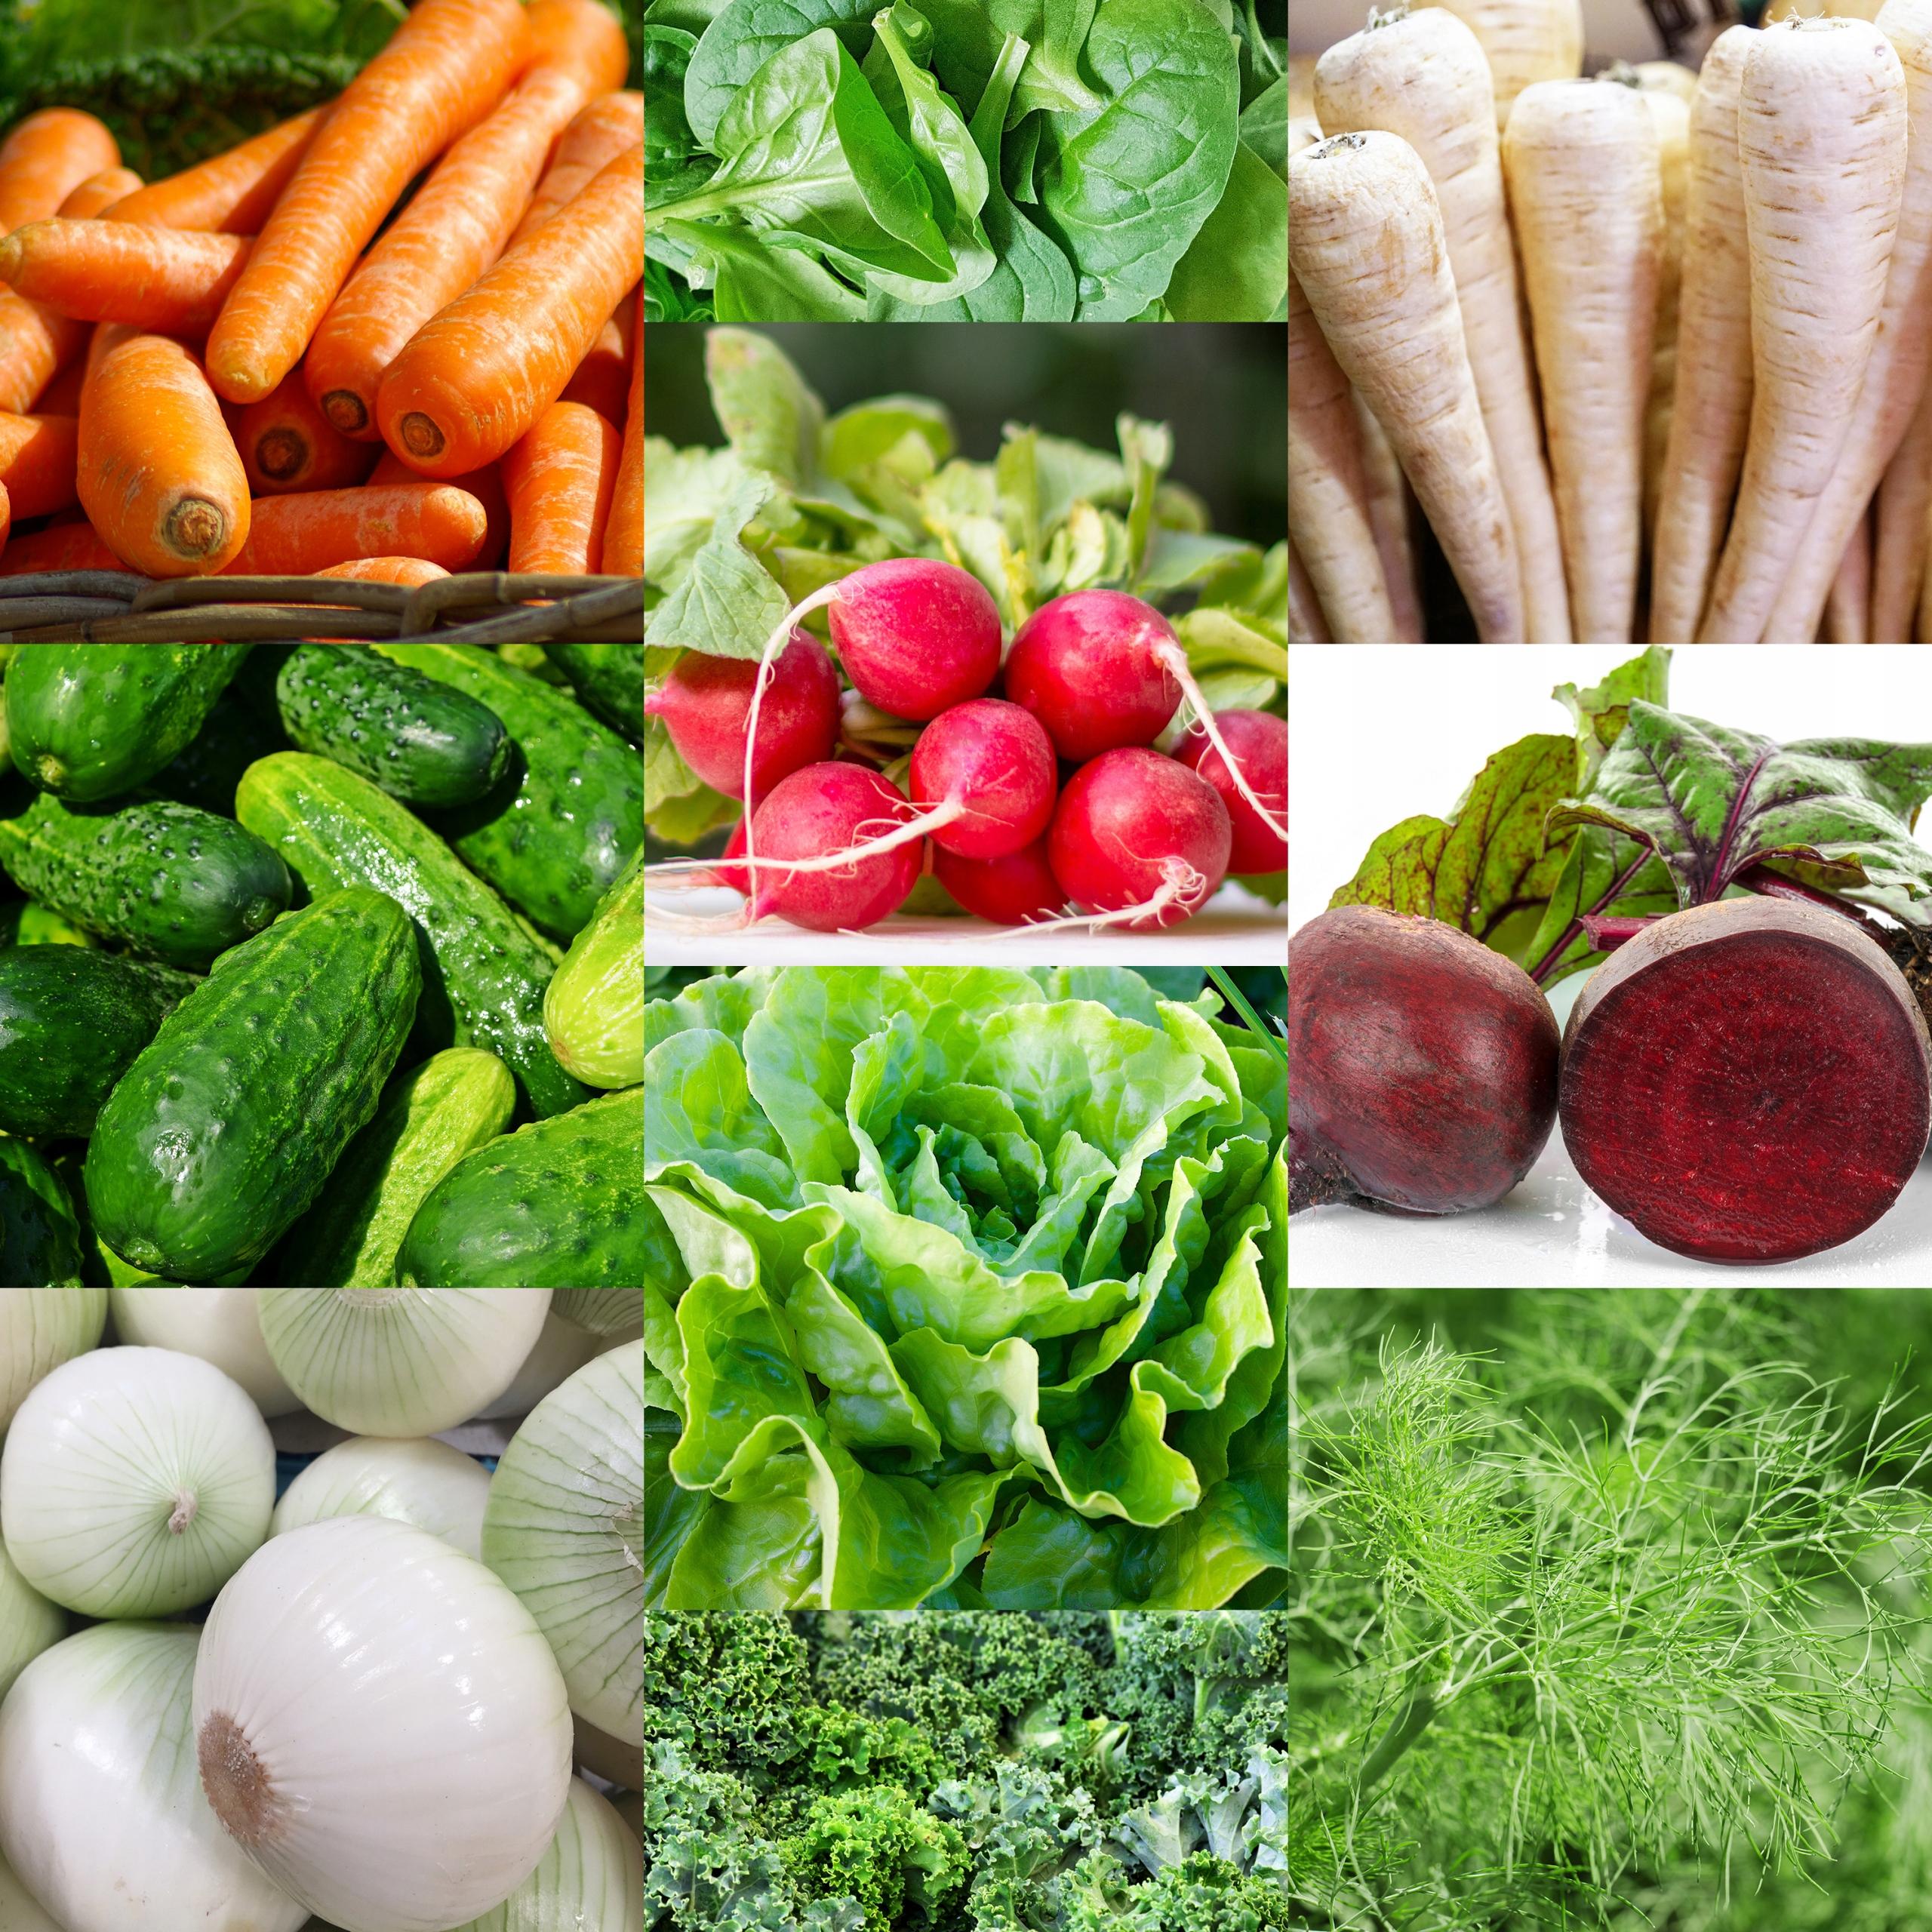 SEED KIT Vegetables For Start - 20 пачек